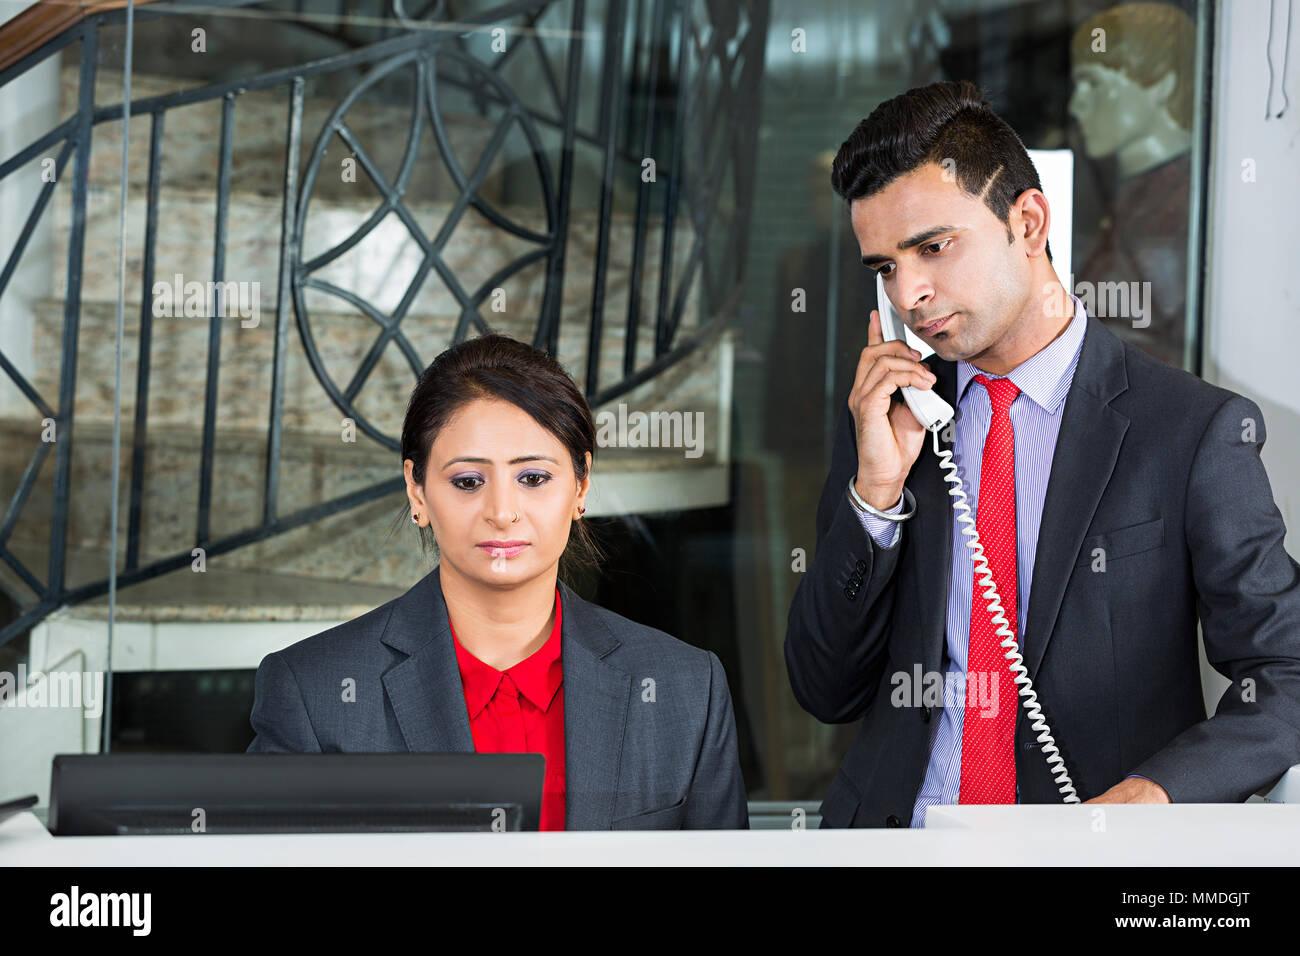 Deux collègues réceptionniste employee service de téléphone en